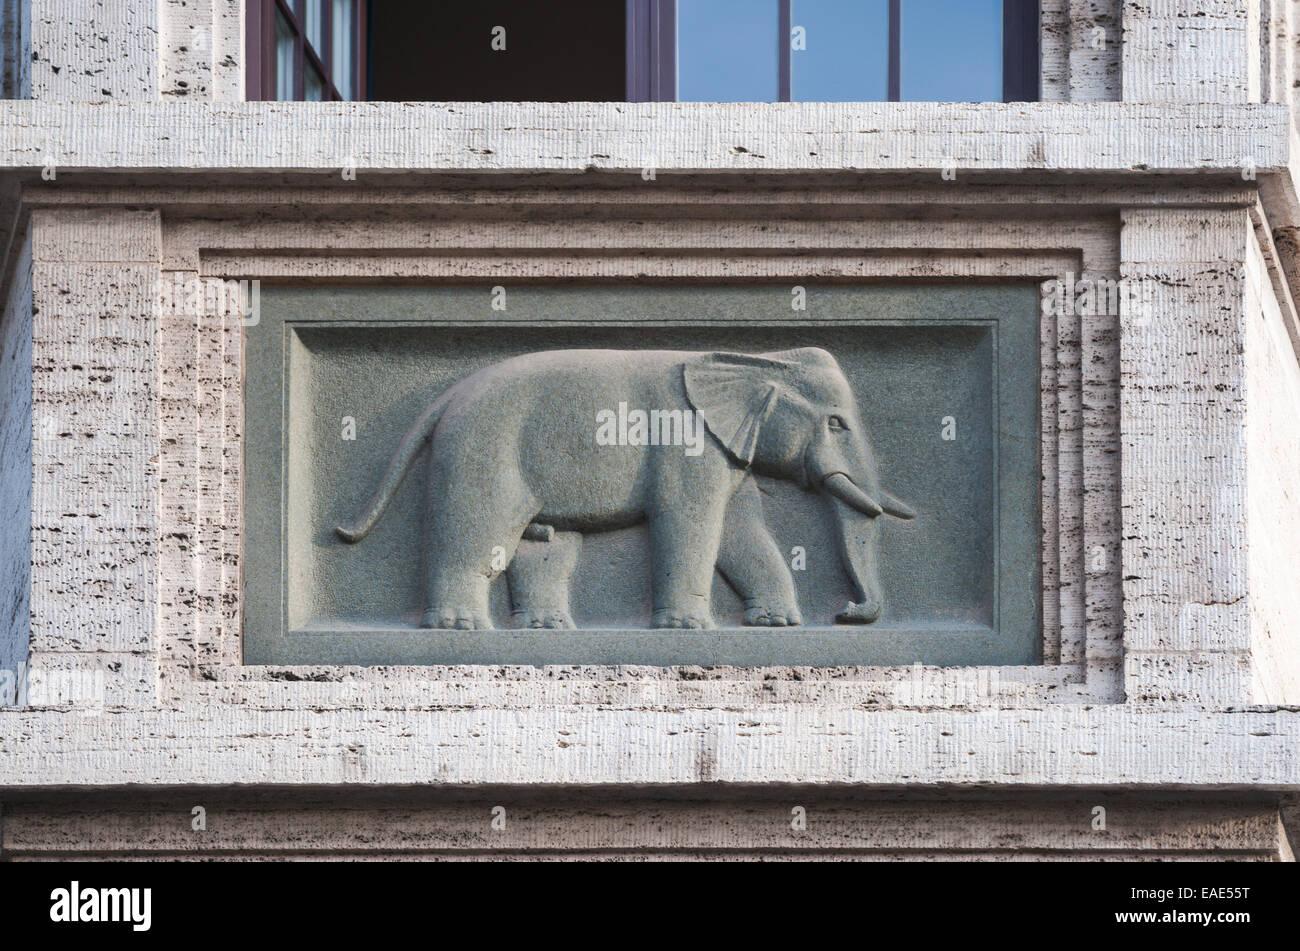 Elefante en relieve en el balcón del Hotel Elephant, Weimar, Turingia, Alemania Imagen De Stock